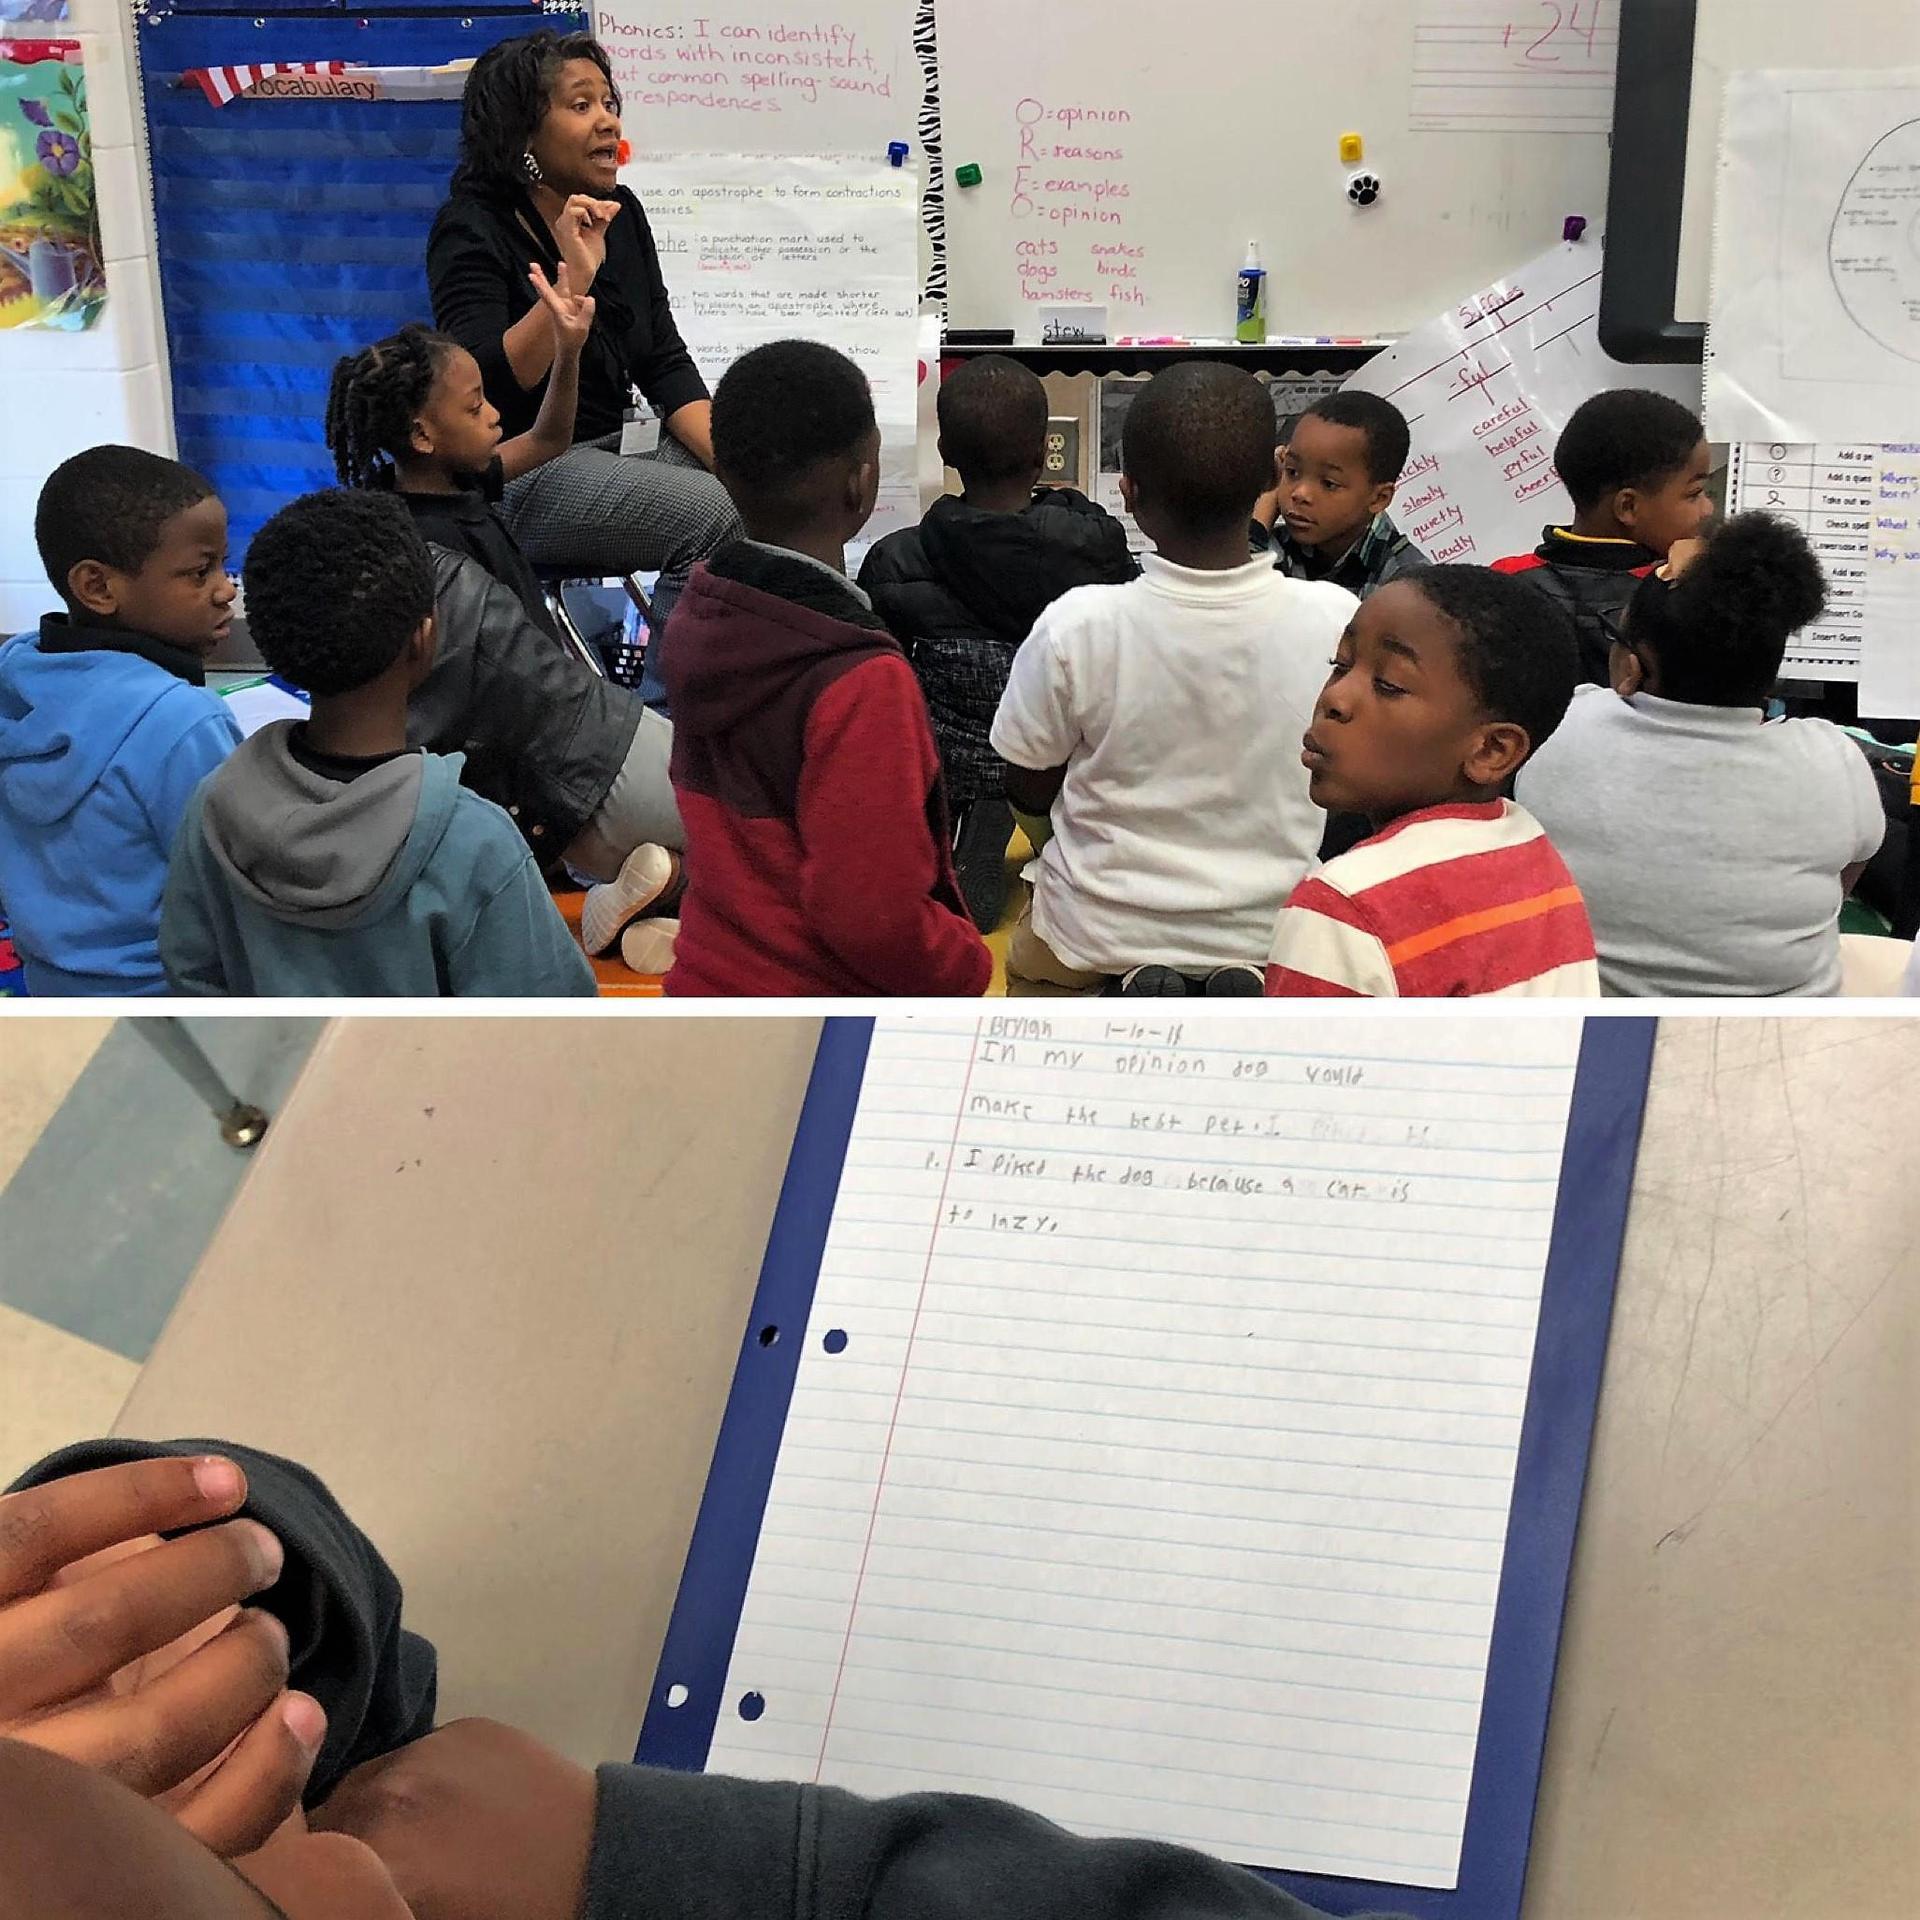 Children participating in writer's workshop